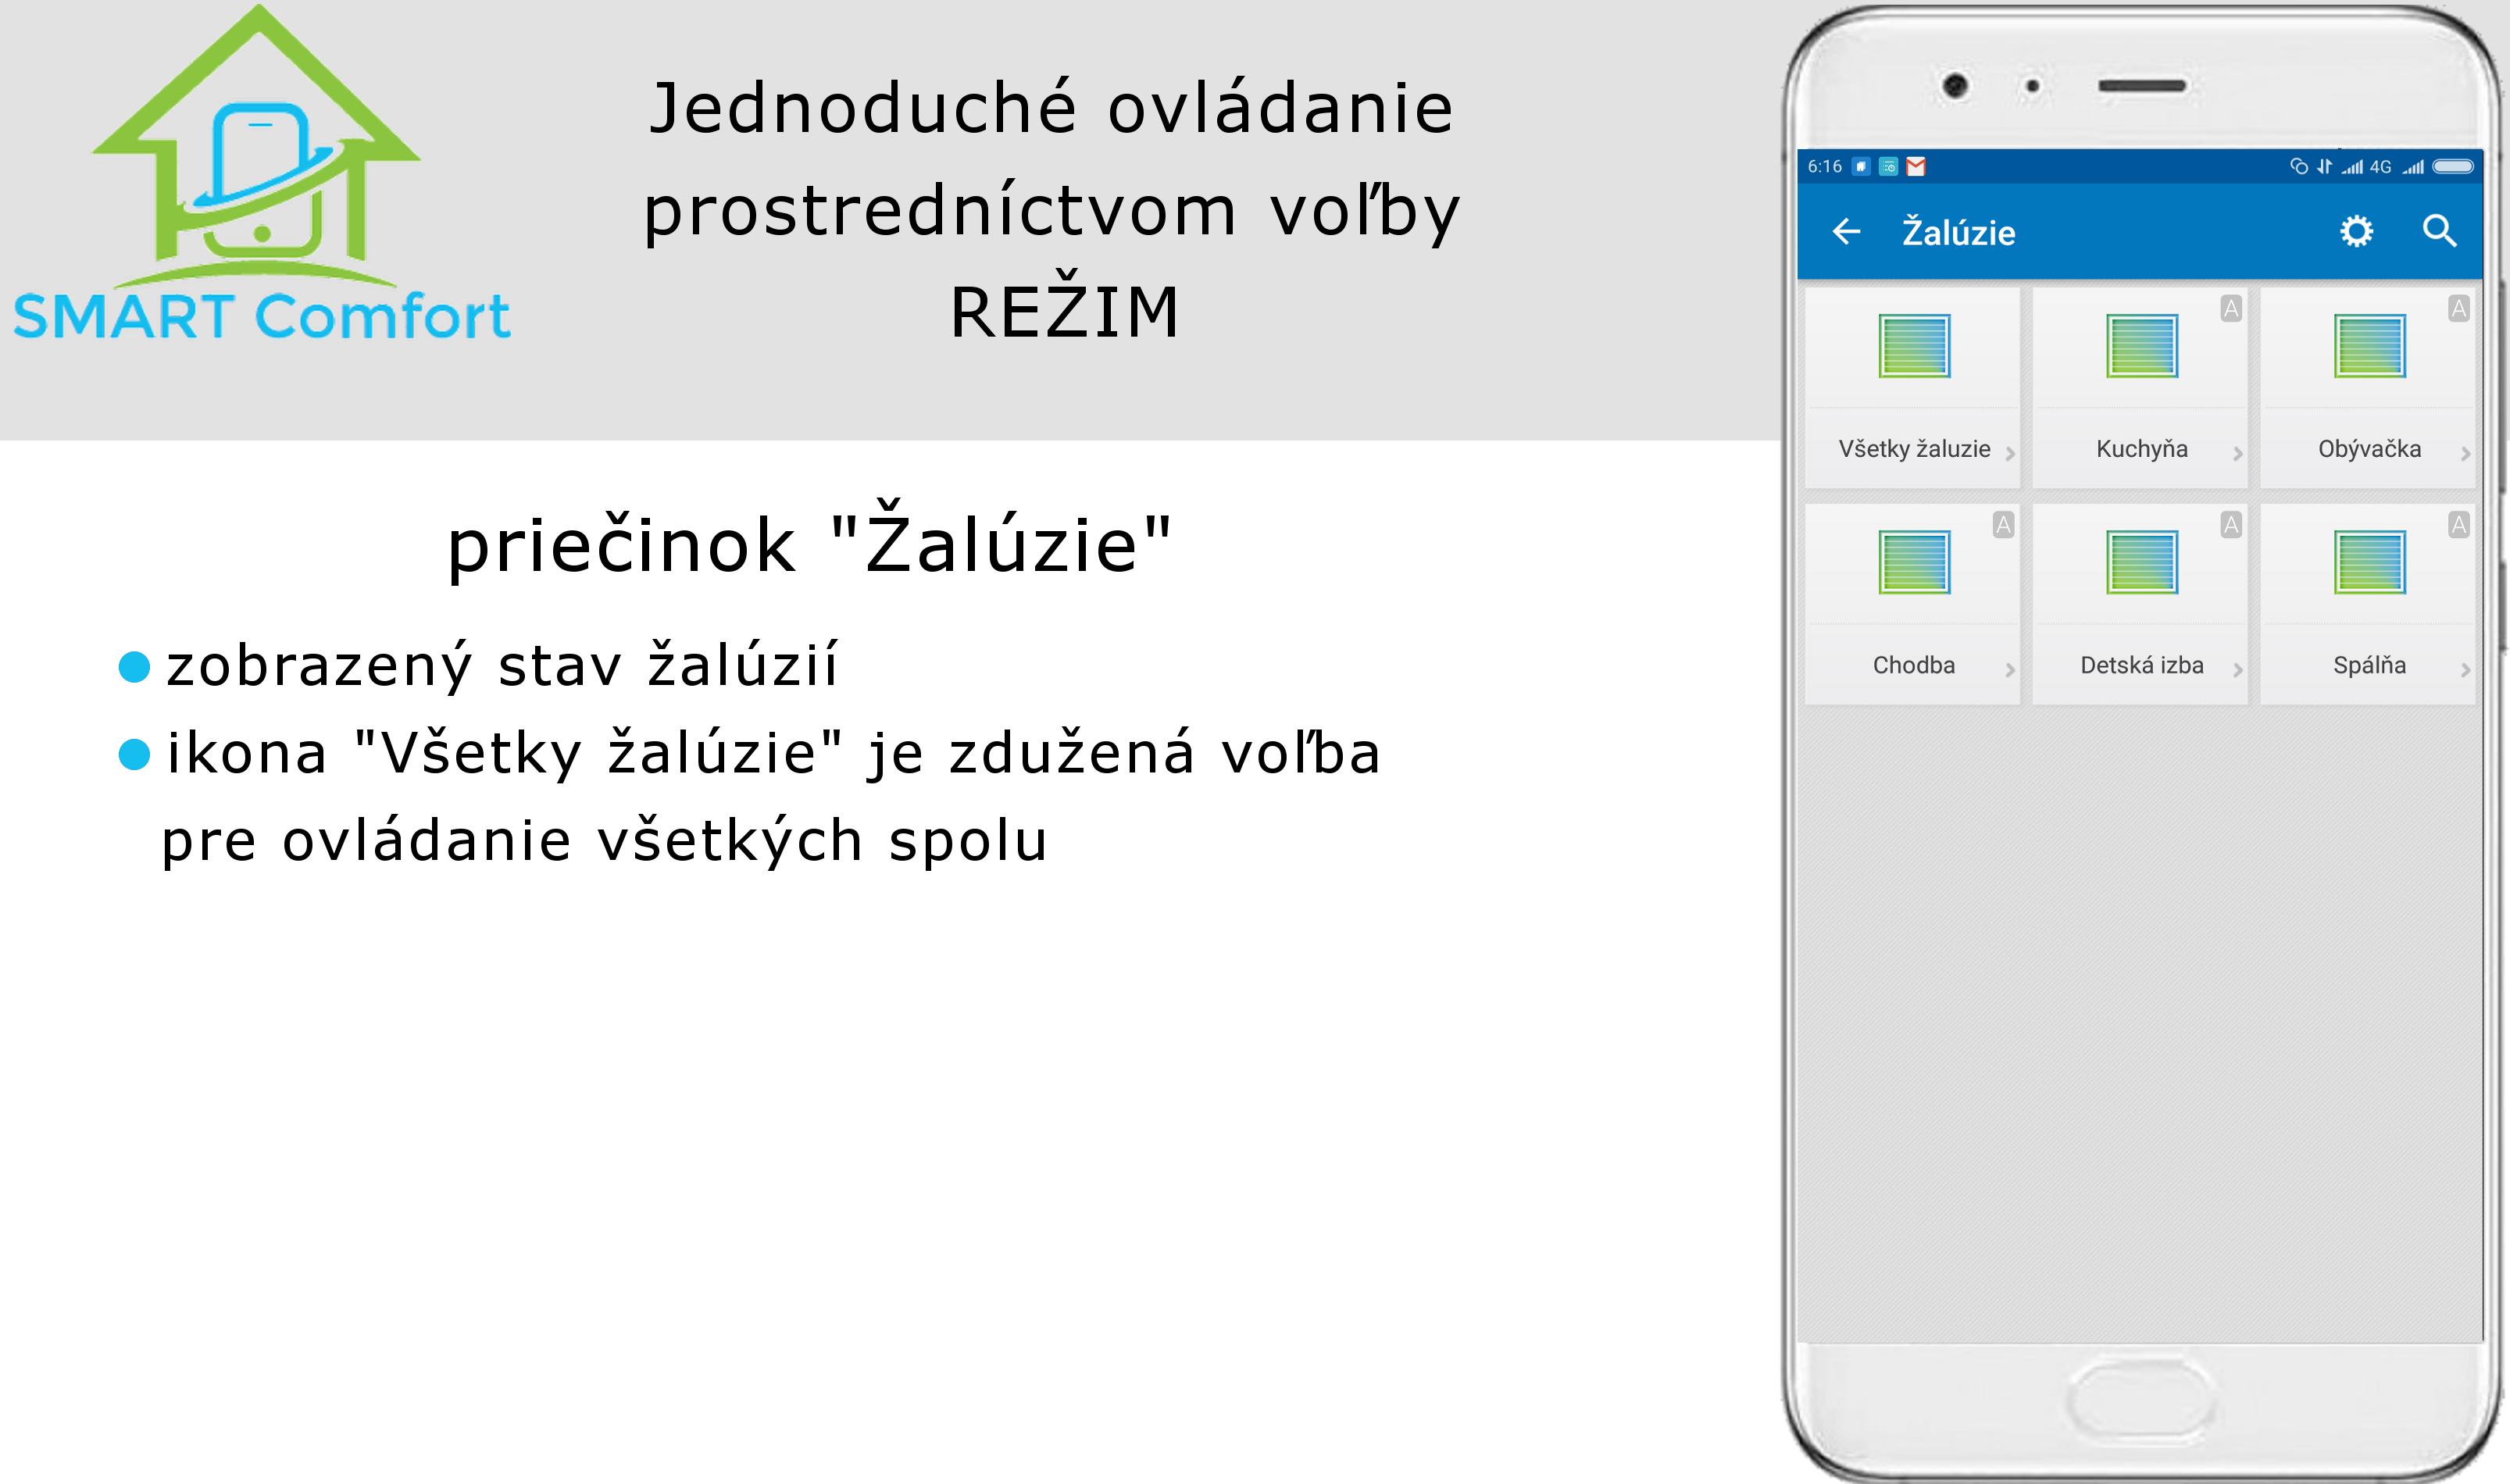 Zaluzie v02_TapHome_ovládanie z mobilu